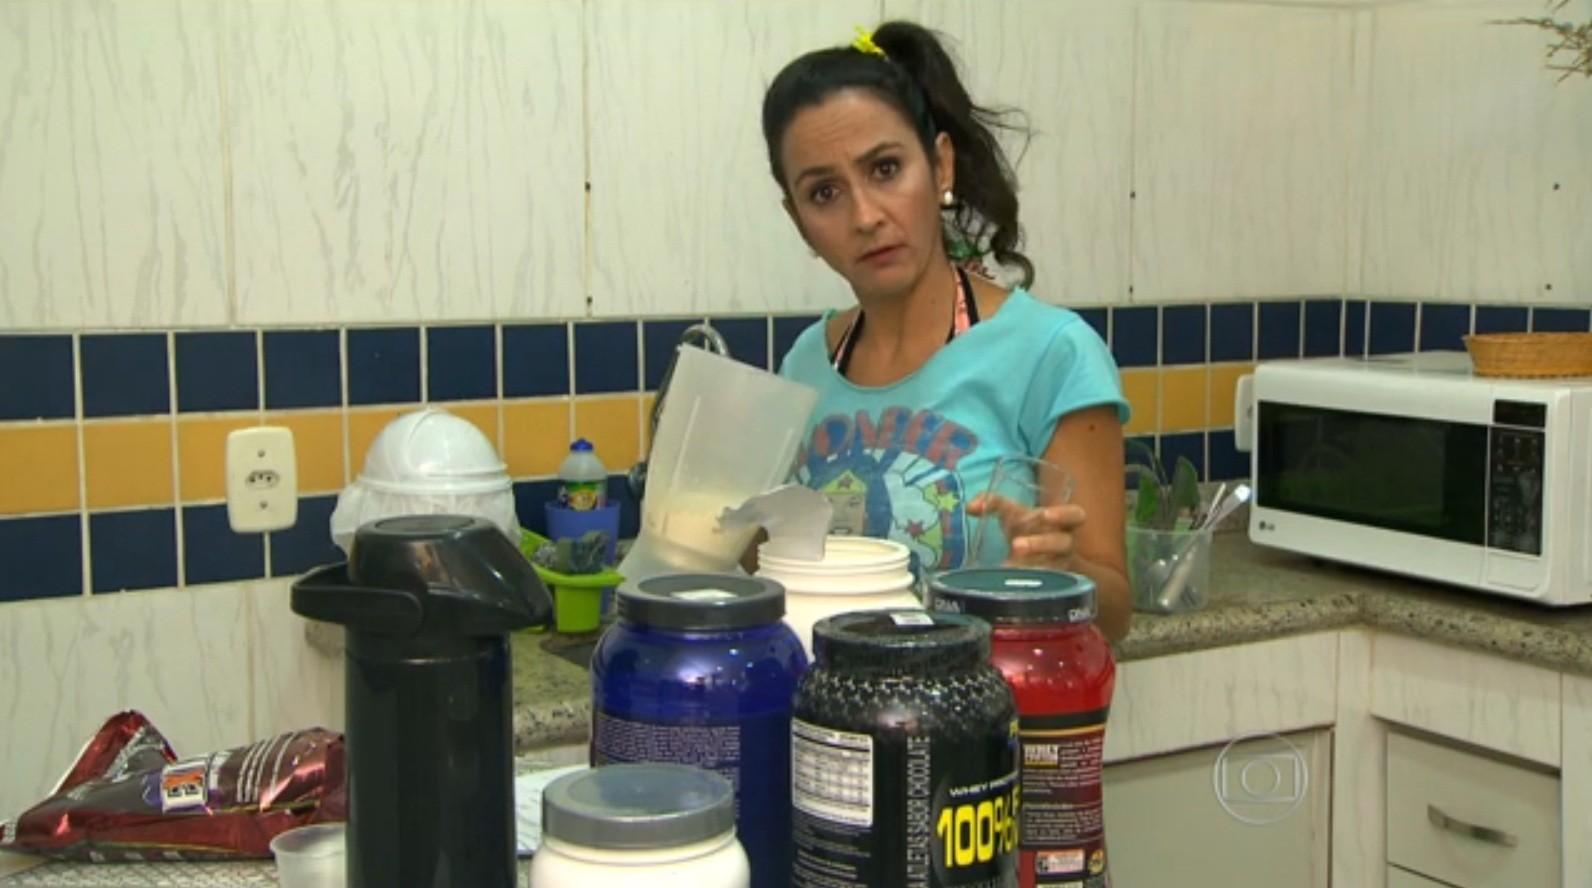 Maria Menezes no Teste do Inmetro (Foto: divulgação)